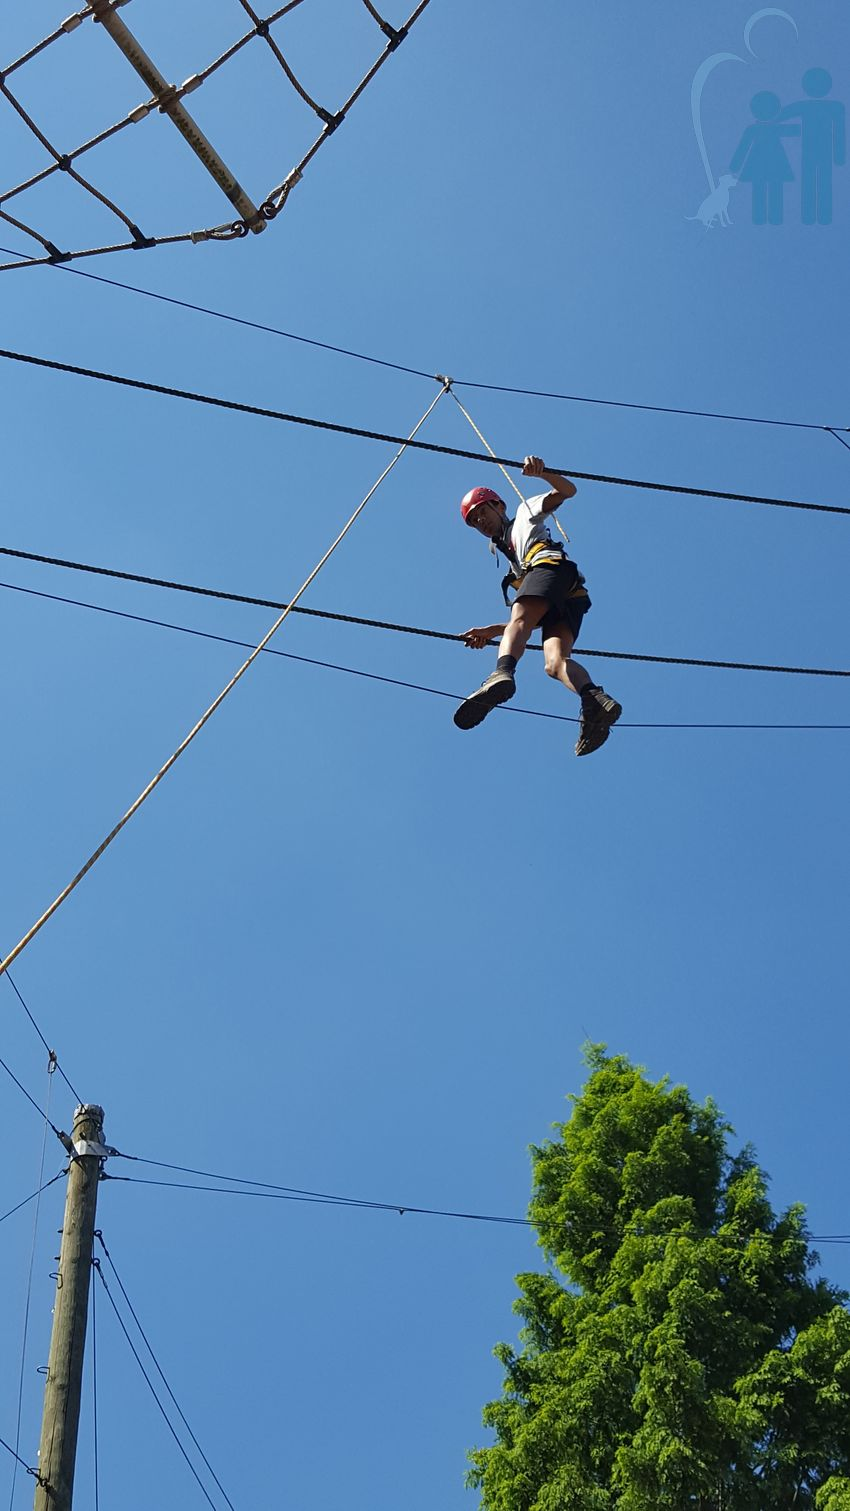 Boulder Und Hochseilgartentag Der Howag Raphaelshaus Electricity In Action Jugendhilfezentrum Dormagen